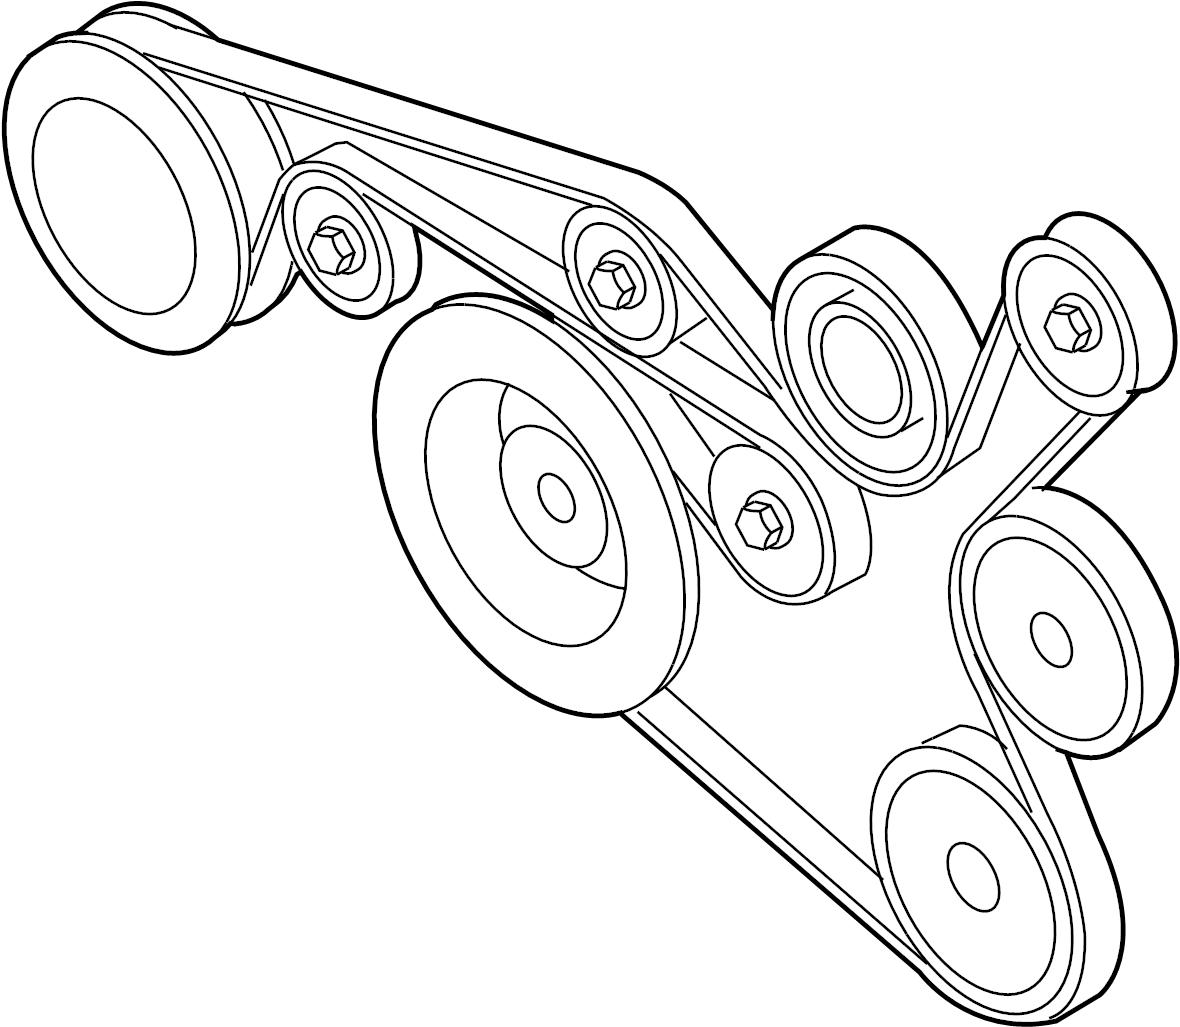 2013 Volkswagen Jetta Accessory Drive Belt  Serpentine